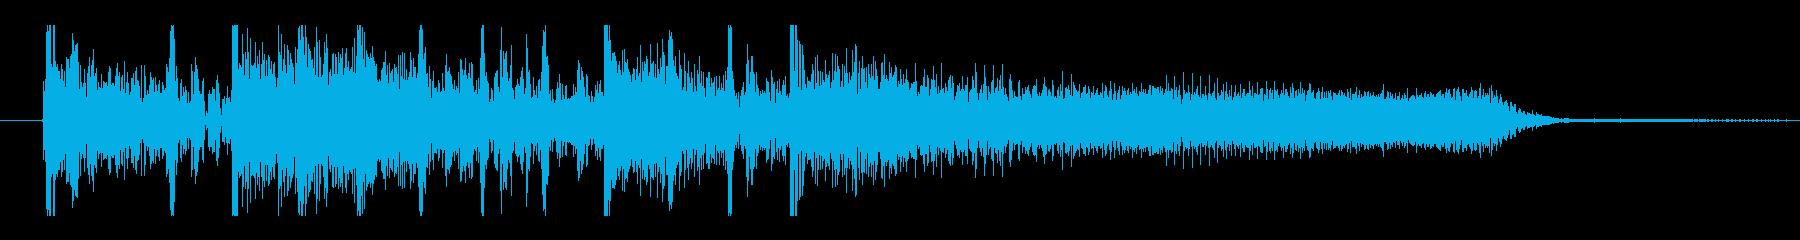 エレキギターのロックなジングルですの再生済みの波形